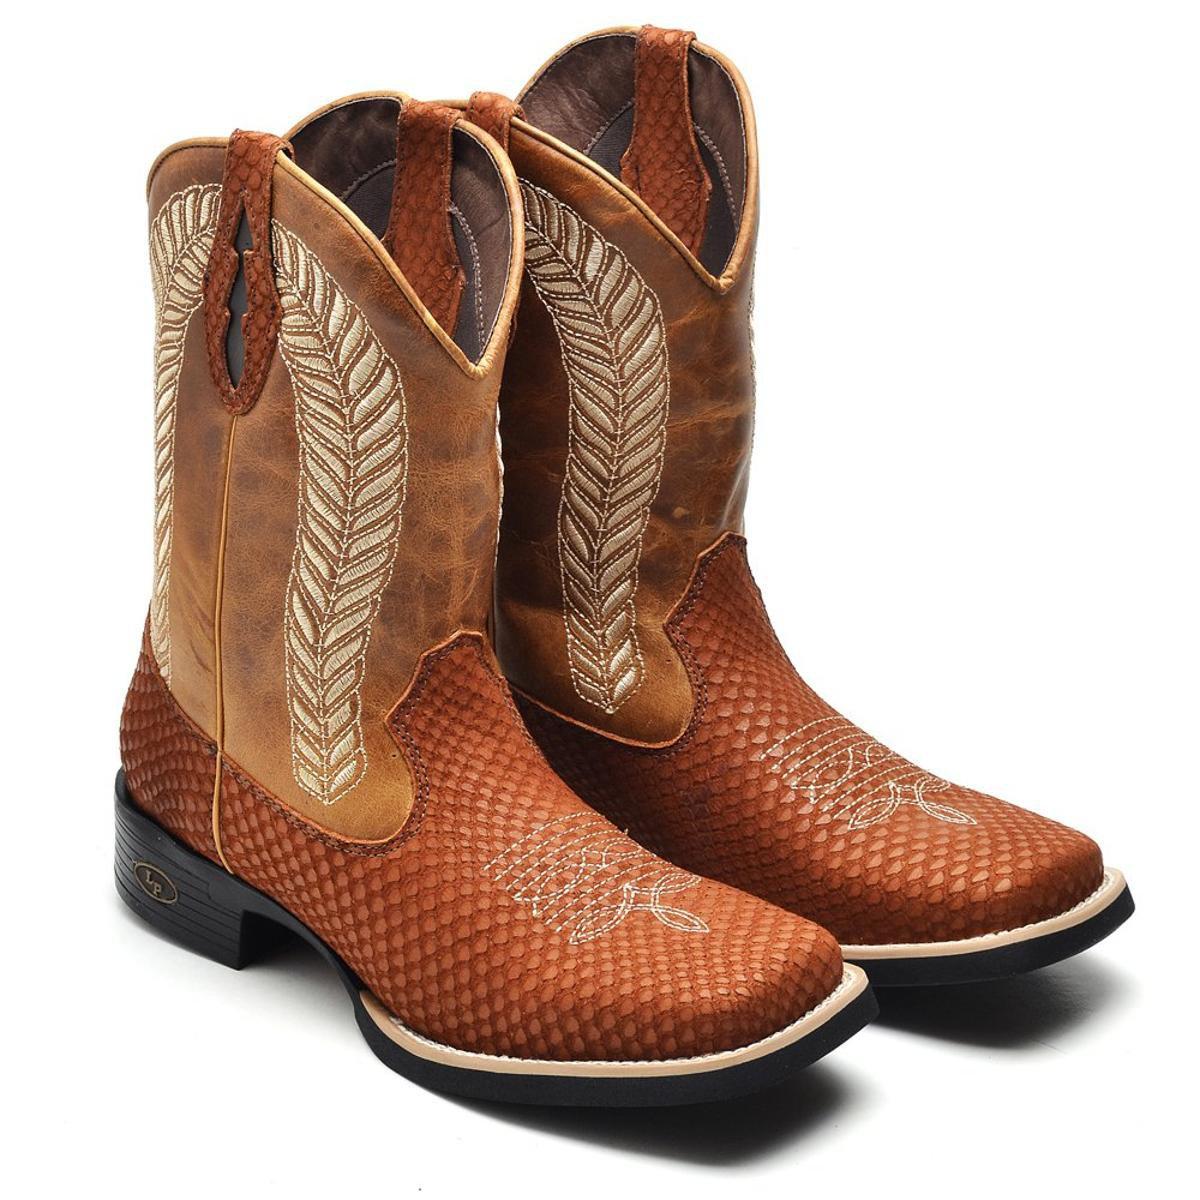 Bota Couro Country Top Franca Shoes Masculino - Marrom - Compre ...  a83a0e5e5dc7b5 ... 72a15e0648c